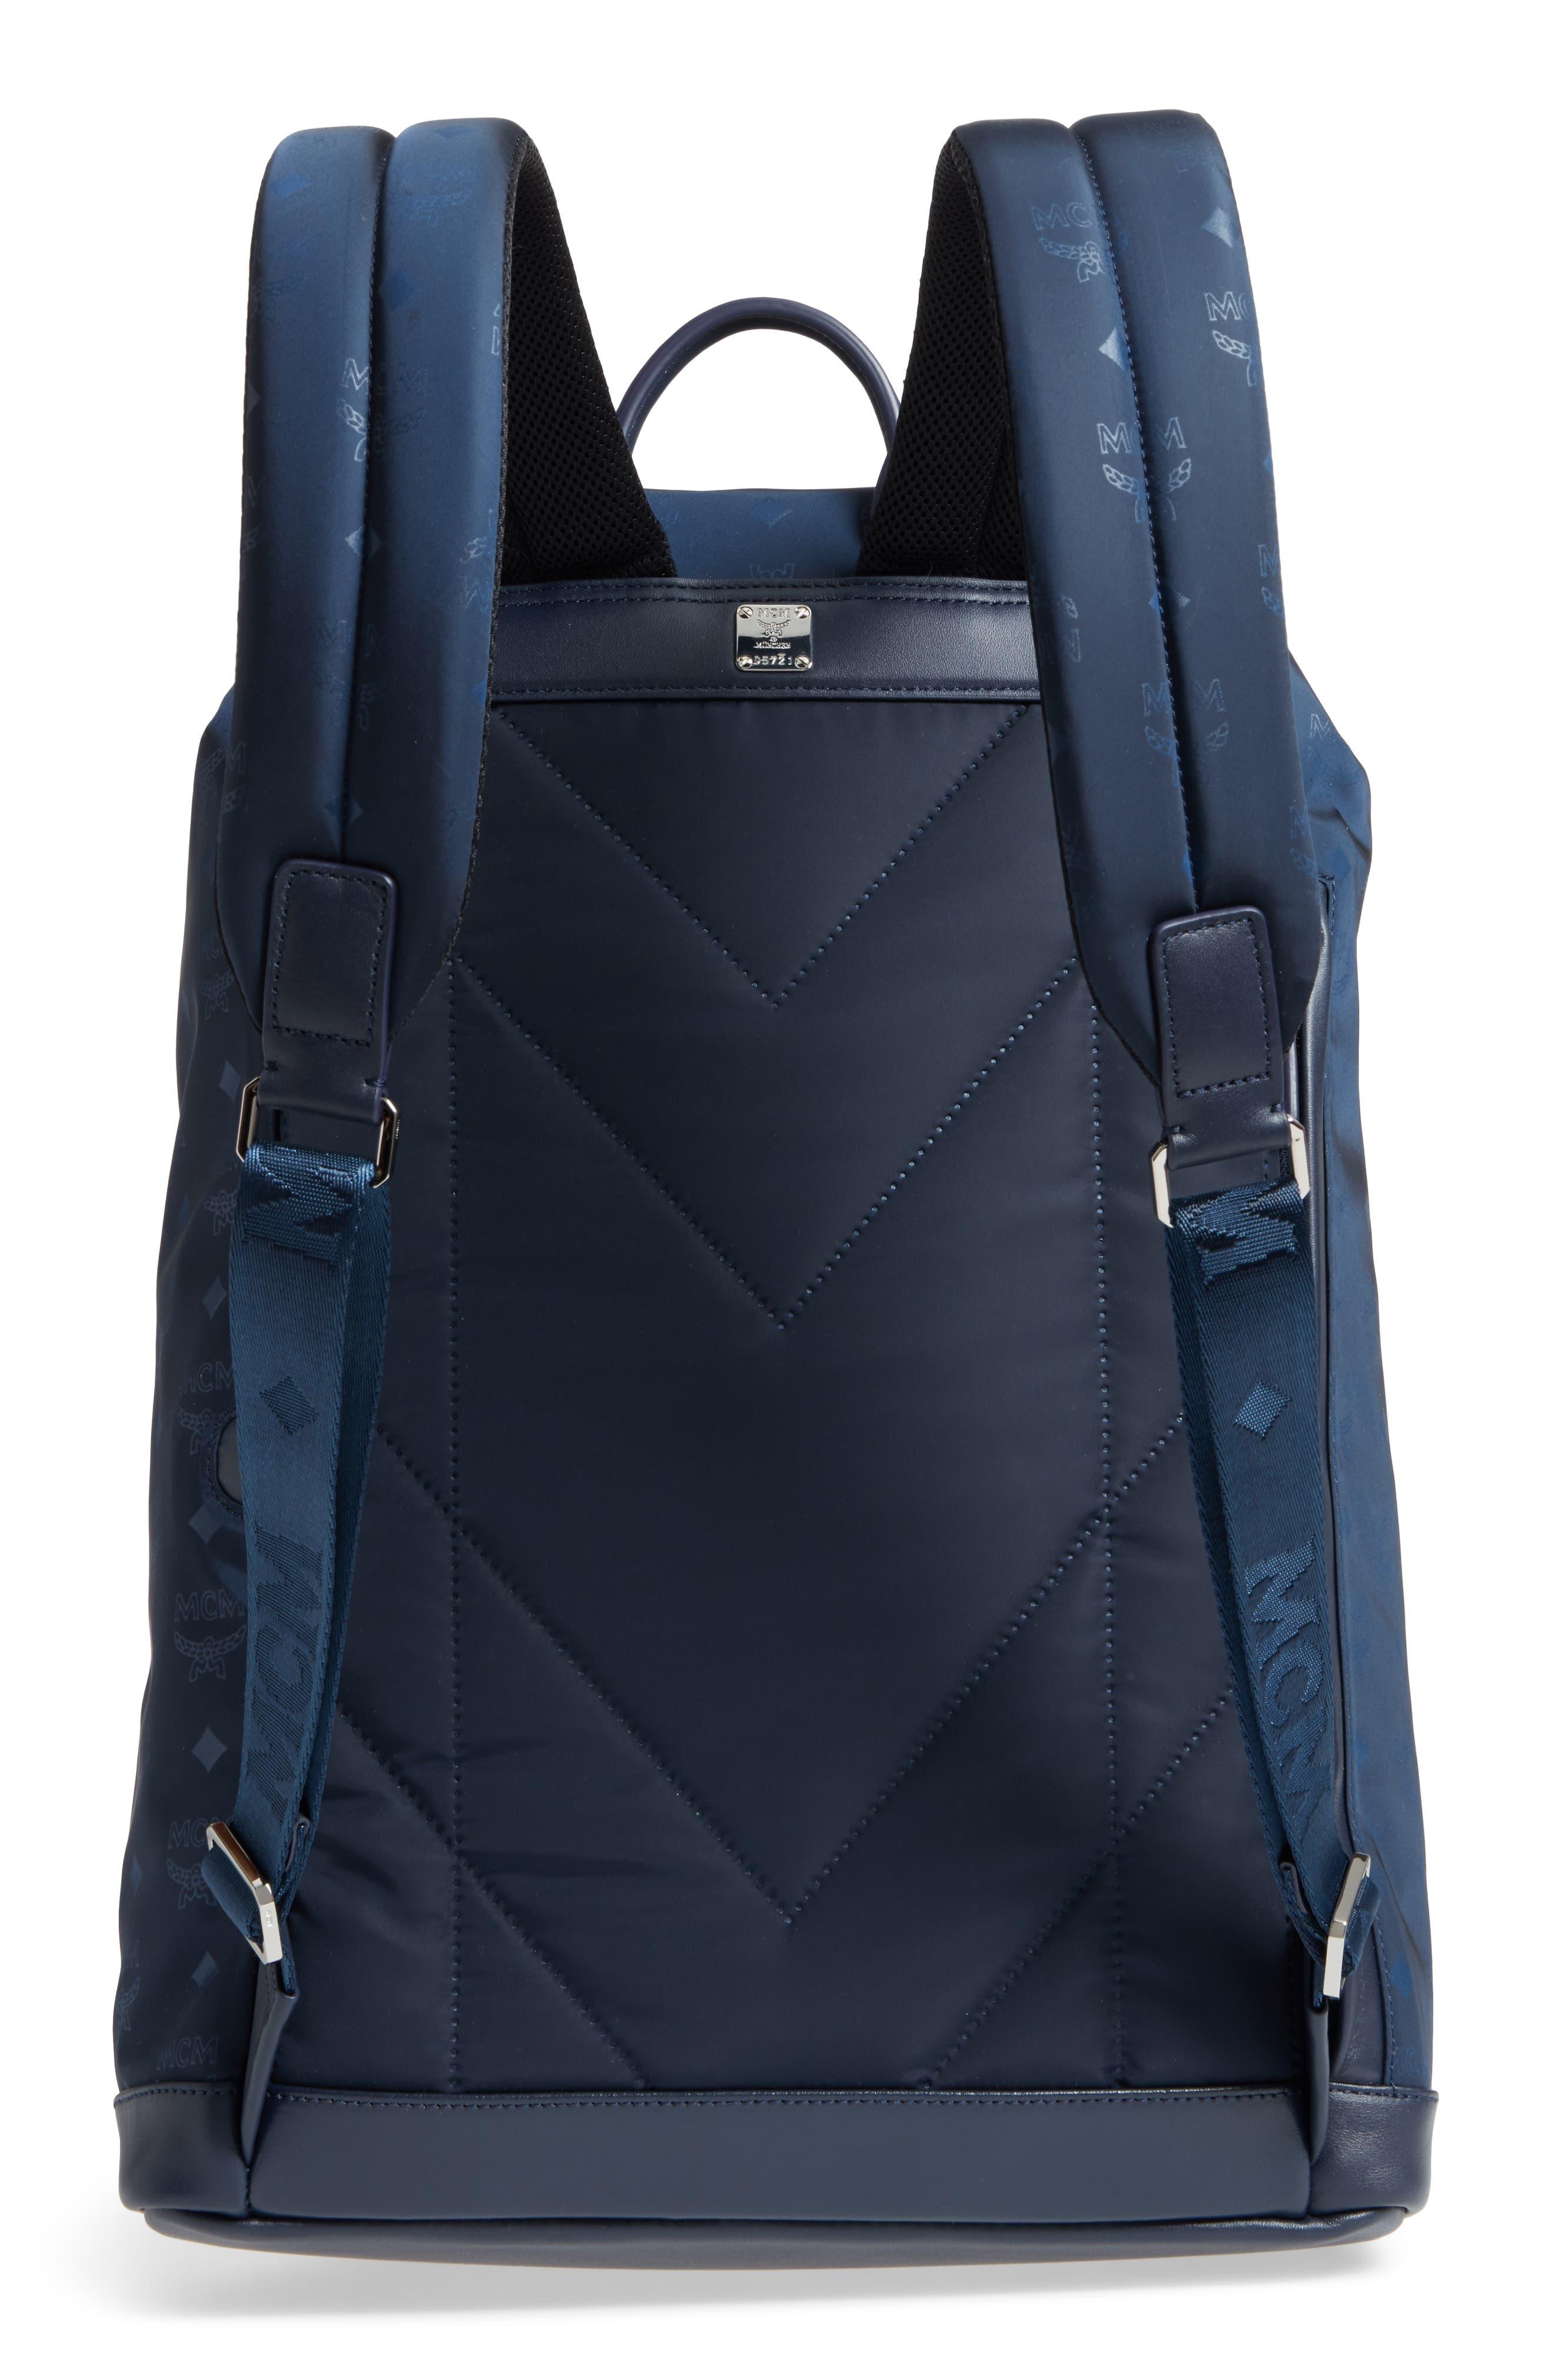 Dieter Backpack,                             Alternate thumbnail 3, color,                             NAVY BLUE